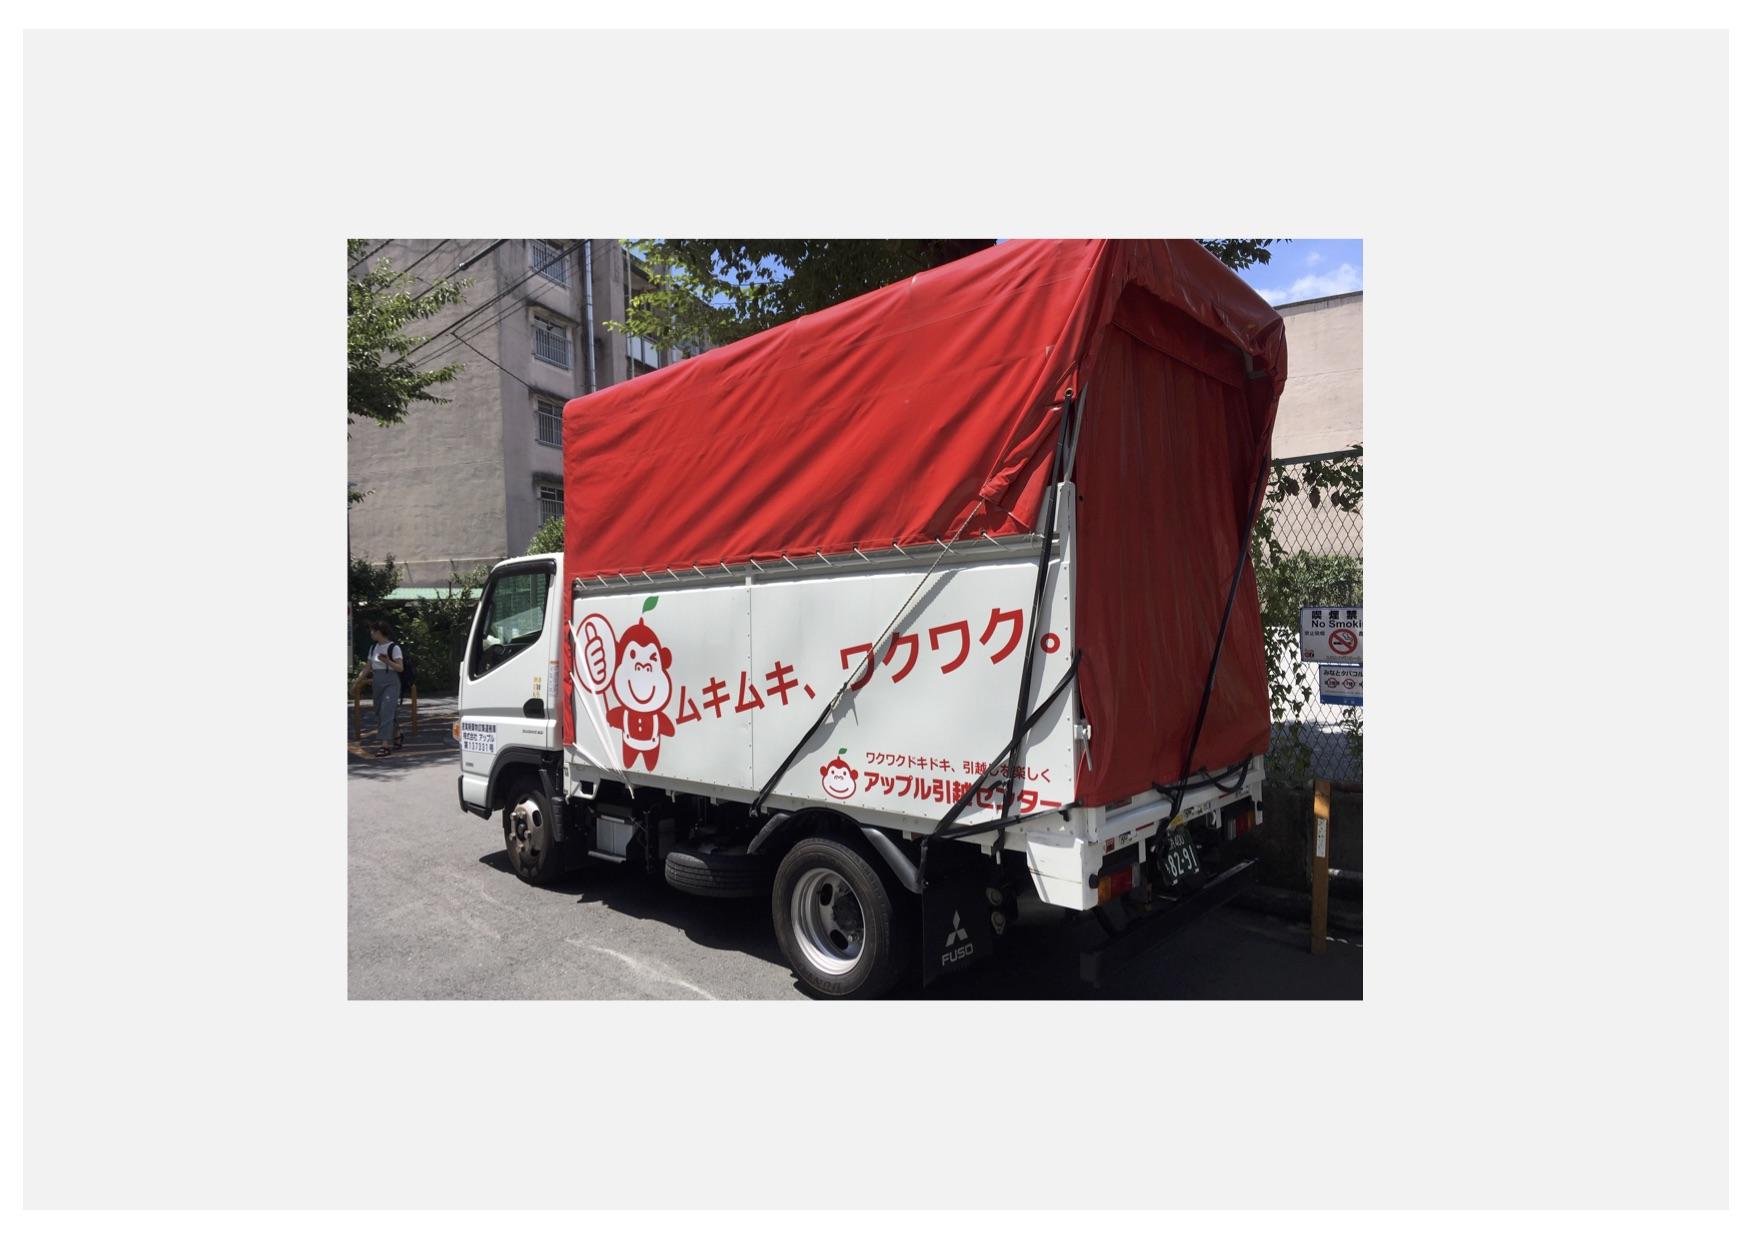 ▲スローガン作成の過程で出たワードを印字したトラックが何パターンも街を走る。書かれている言葉が心に響いたという街の人が、写真にとってSNSにアップすることも。